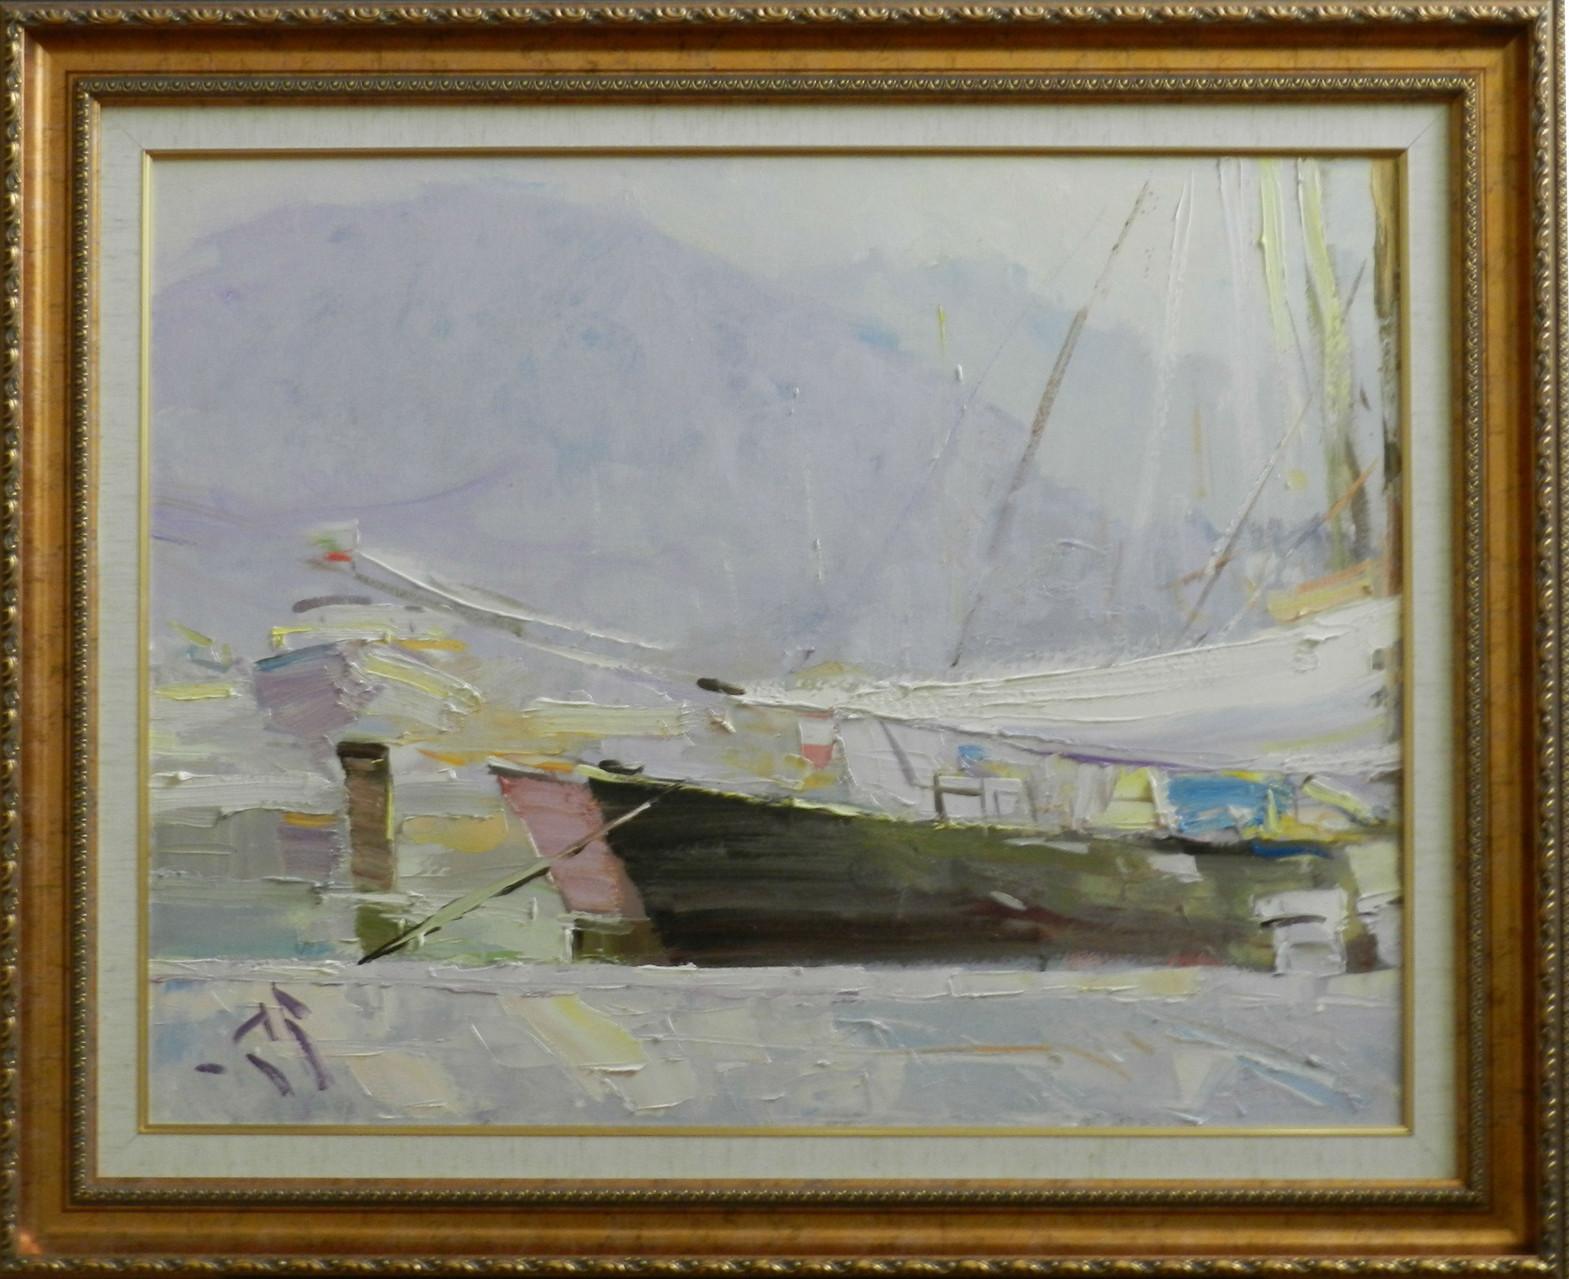 Ломбардия.  Озеро Комо, раннее утро.      2012 г.    Холст, масло.   67х73 см.